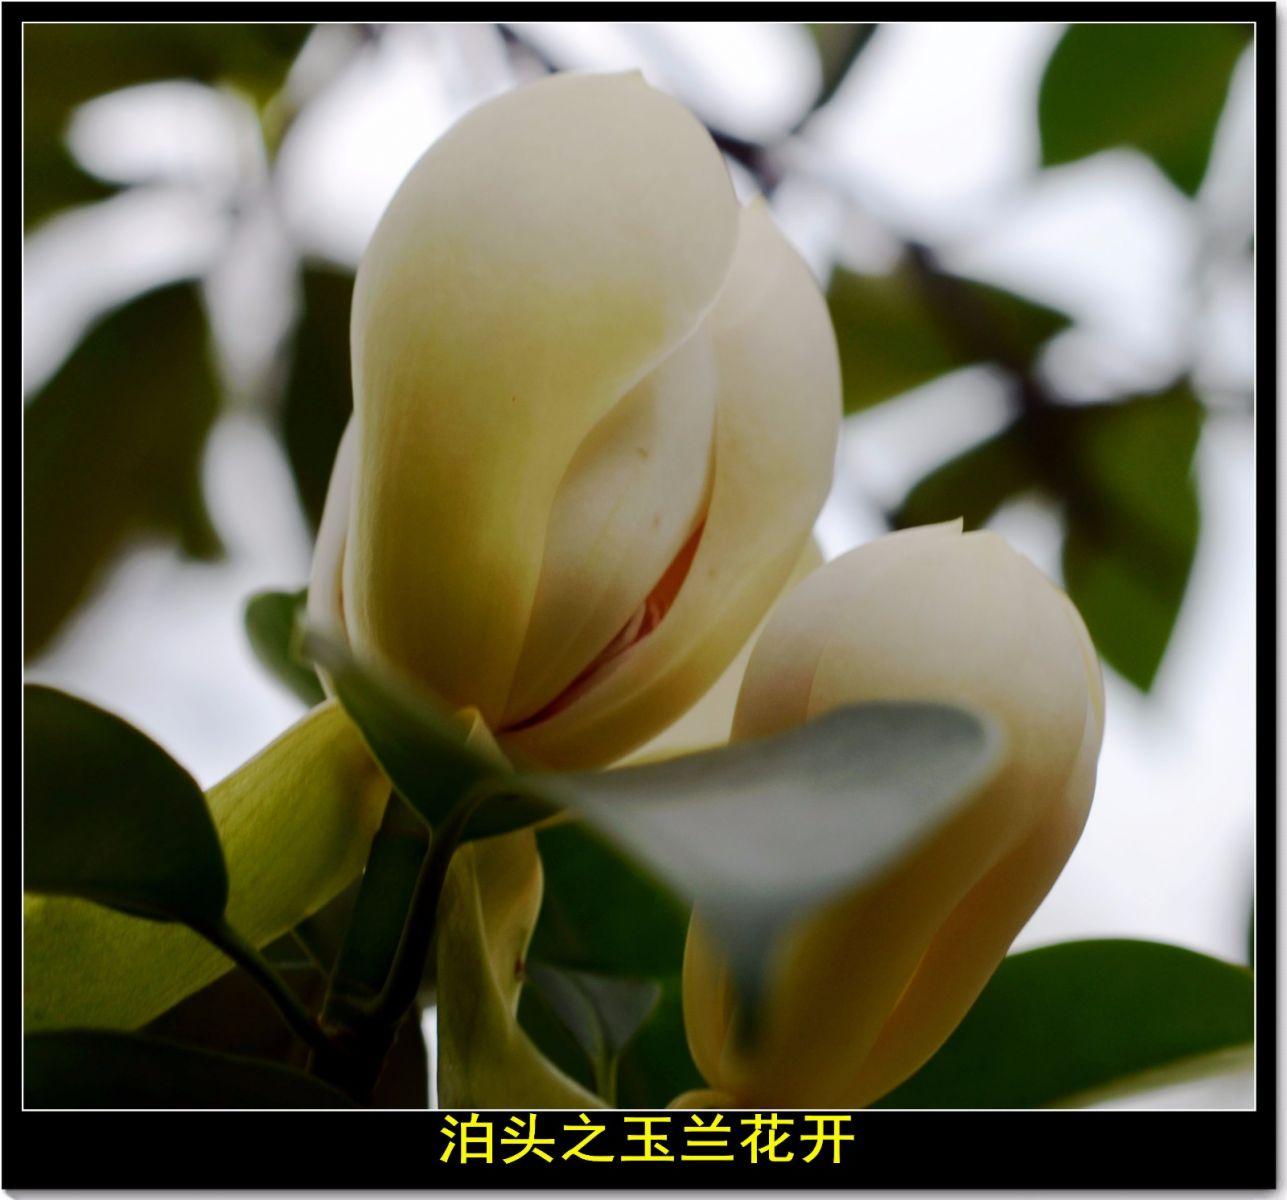 平江泊头记(诗文)_图1-5